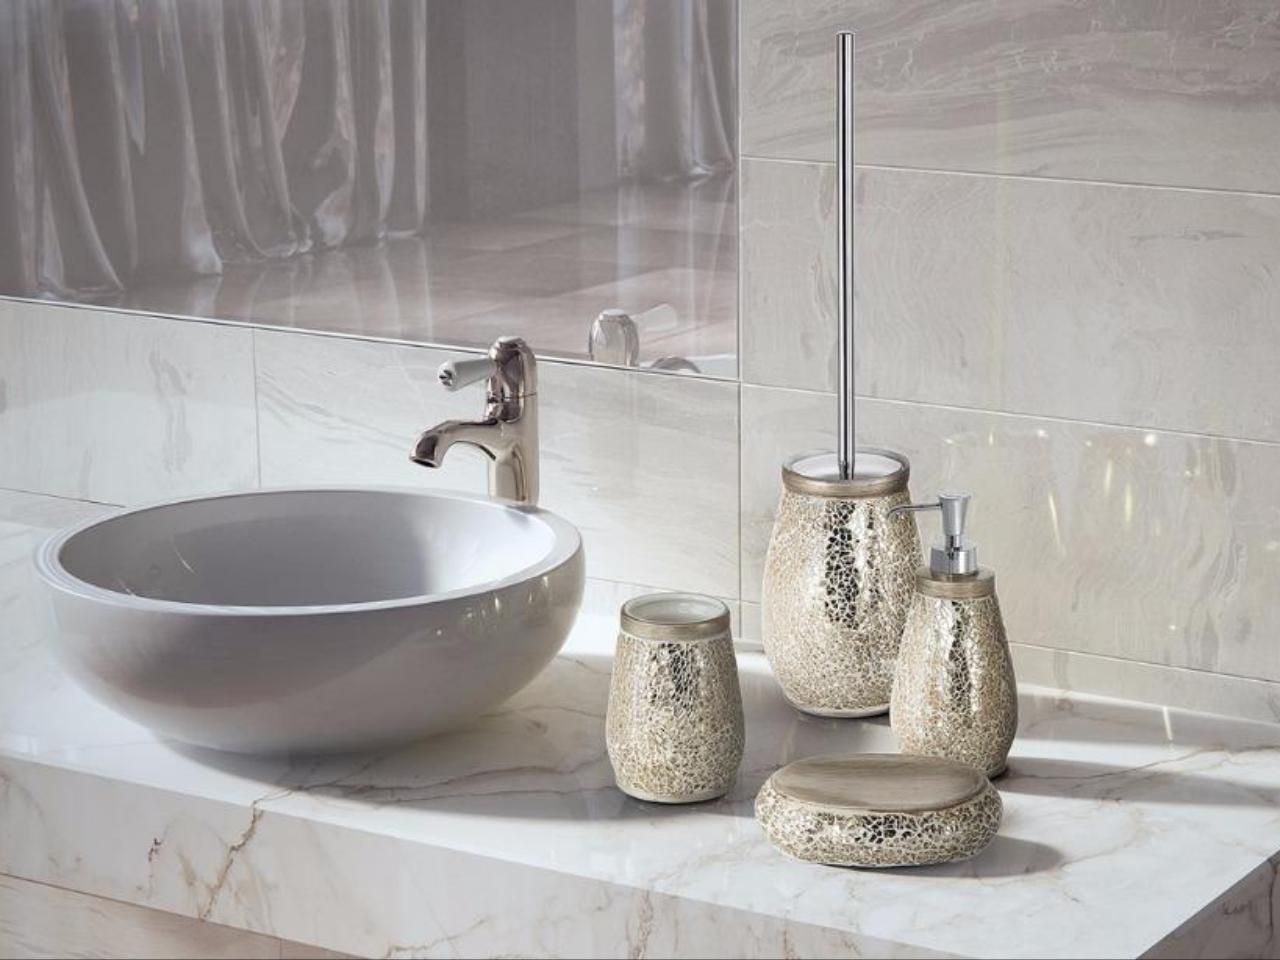 Bagnoidea prodotti e tendenze per arredare il bagno - Accessori x il bagno ...